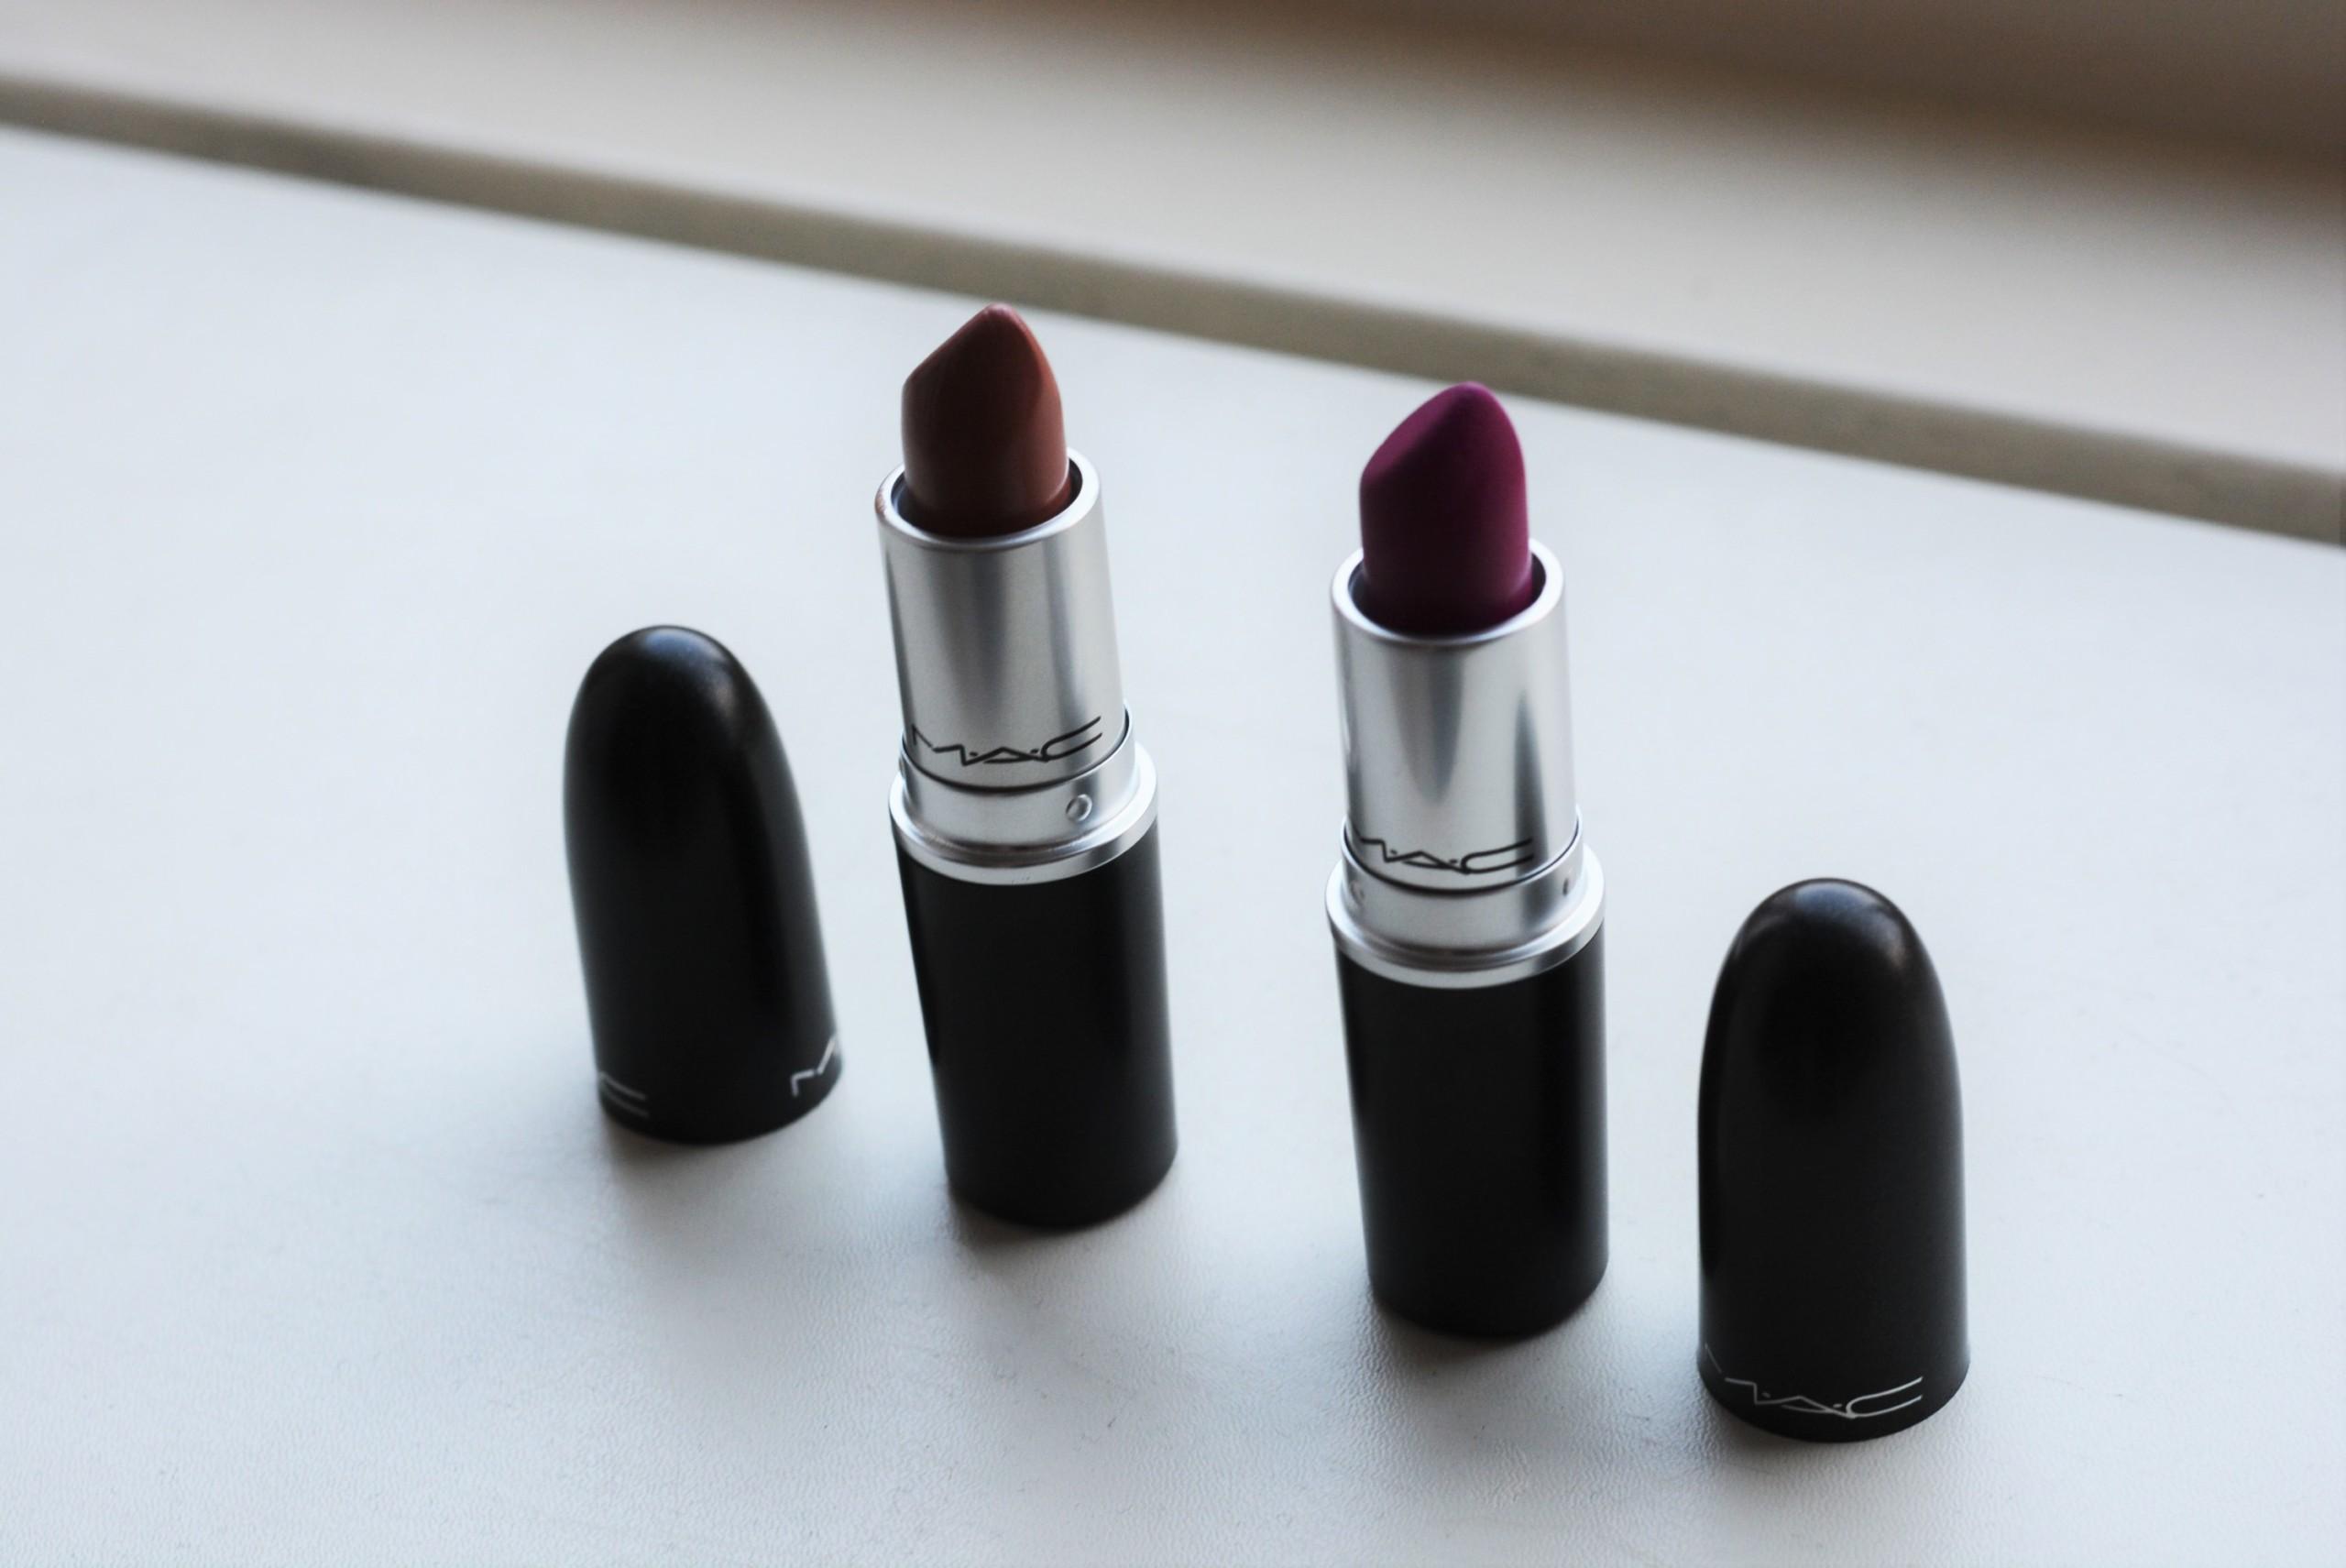 WIN 2 x een Lipstick van MAC!